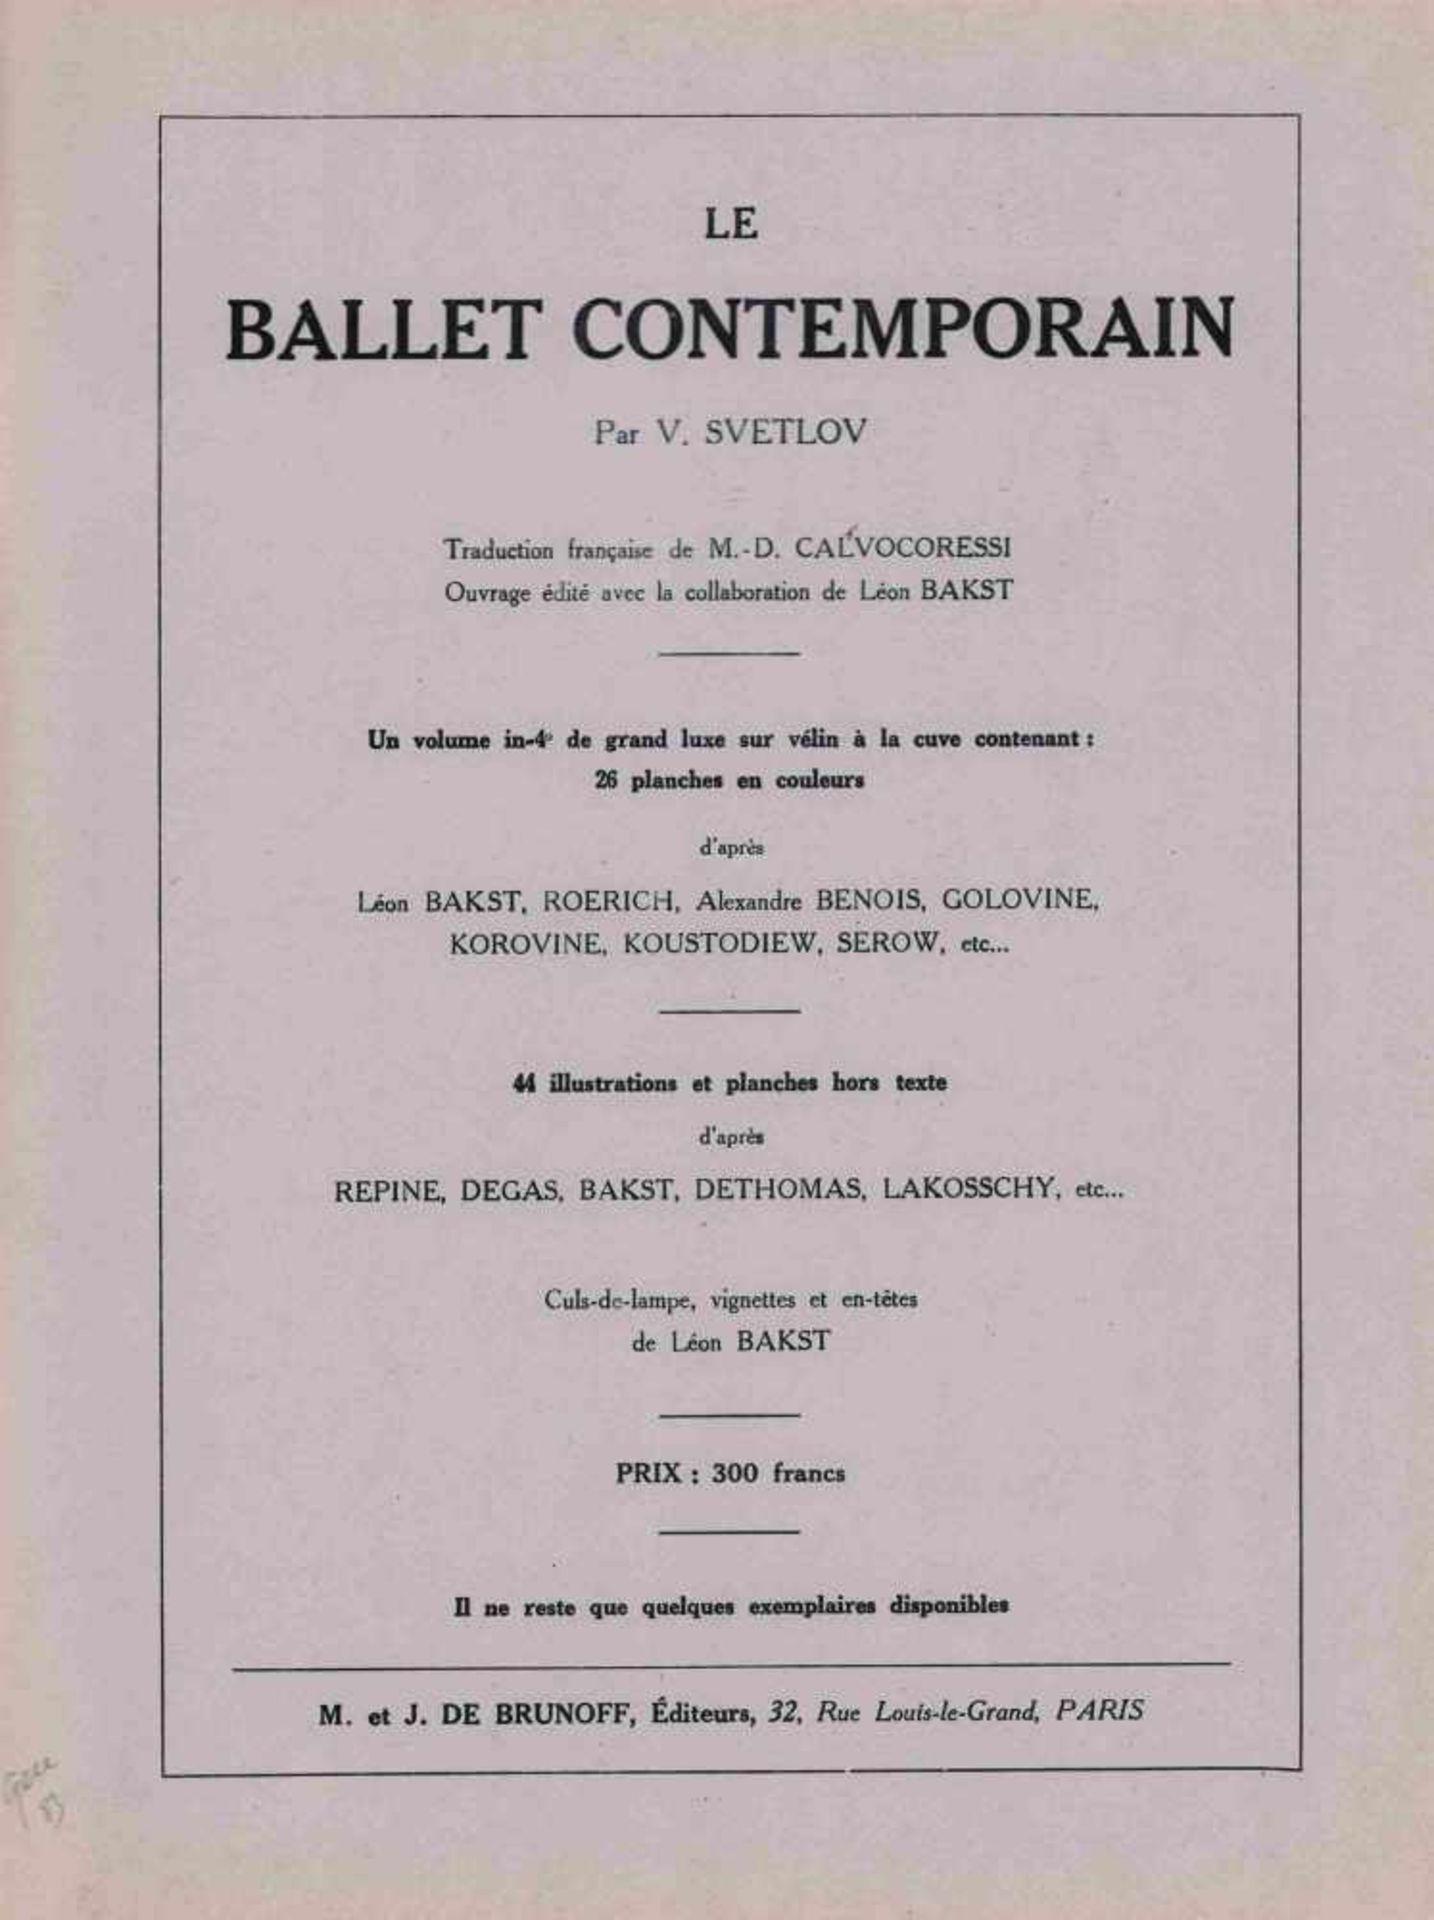 [BALLETS RUSSES, BRAQUE, PICASSO, PRUNA, UTRILLO] Ballets Russes im Théâtre de Monte-Carlo, 1926. M. - Bild 2 aus 2